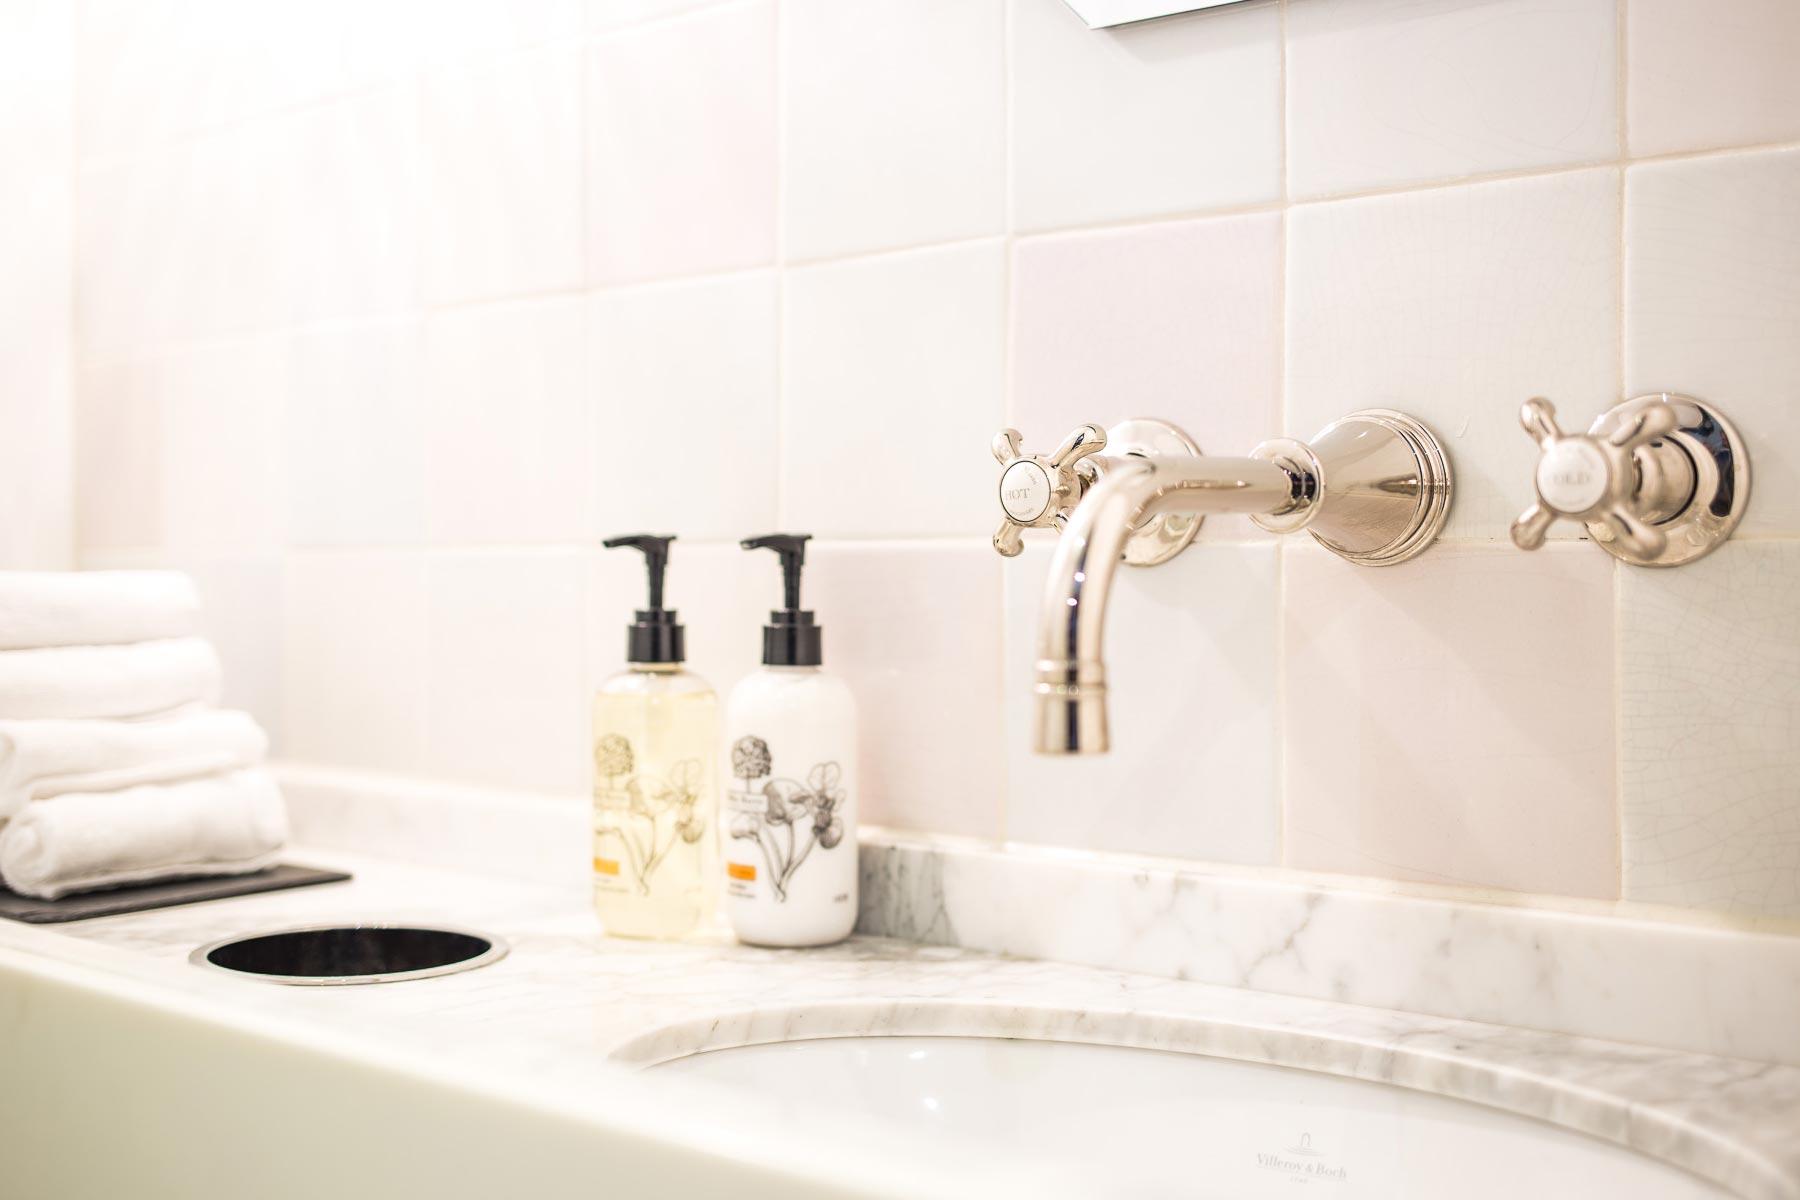 Riviera Maison Badkamer : Badkameraccessoires landelijk afbeeldingen badkamer accessoires